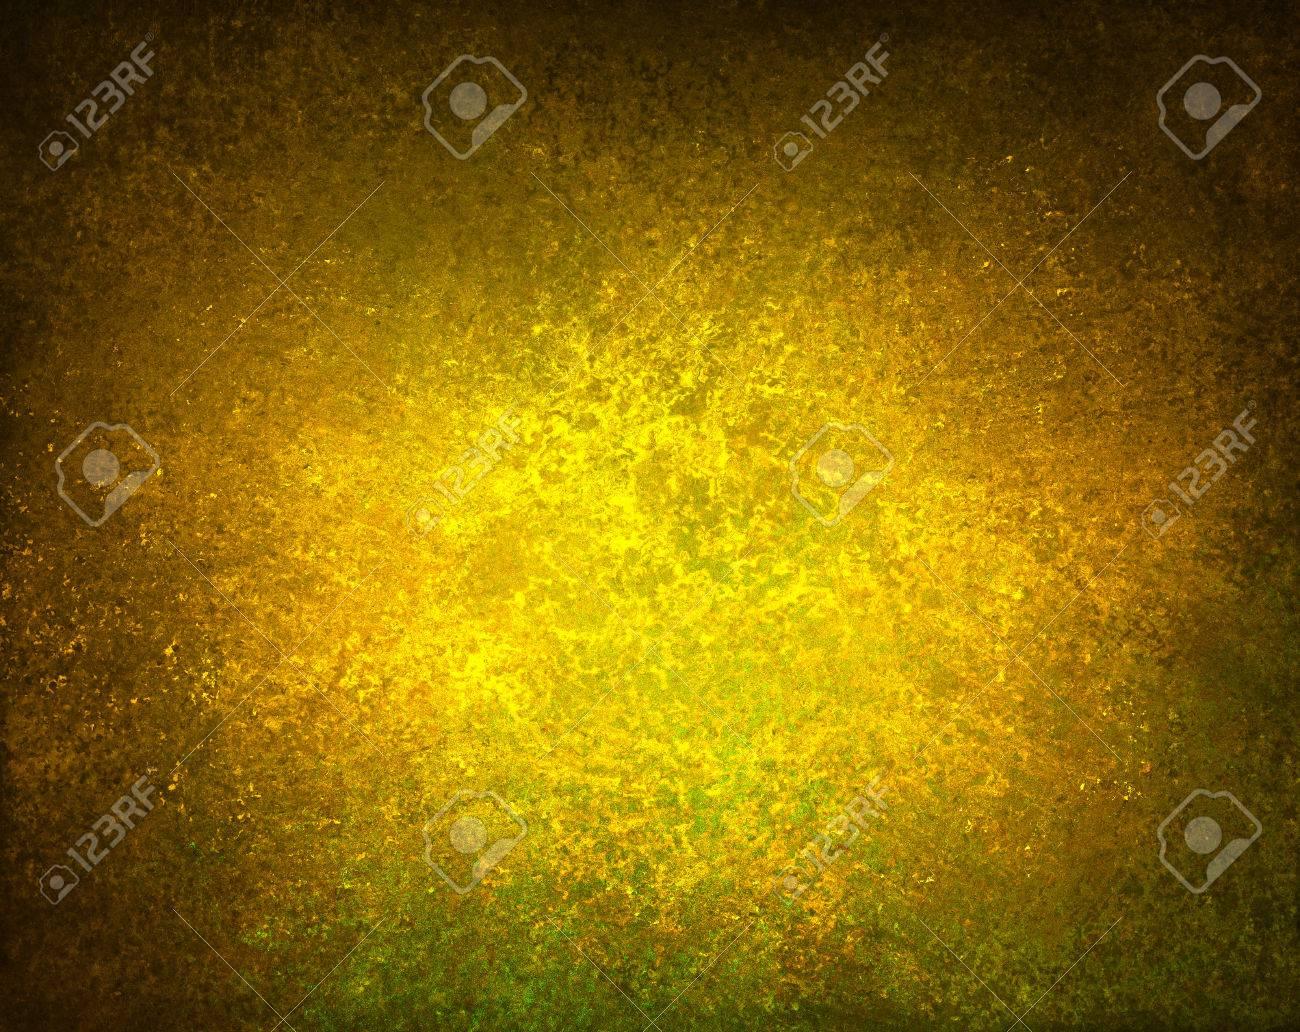 Abstrait En Or Jaune Frontière Brun Couleurs De Tonalité Chaude Avec Une éponge Texture Vintage Grunge De Fond Affligé Peinture Graisseux Rugueux Sur